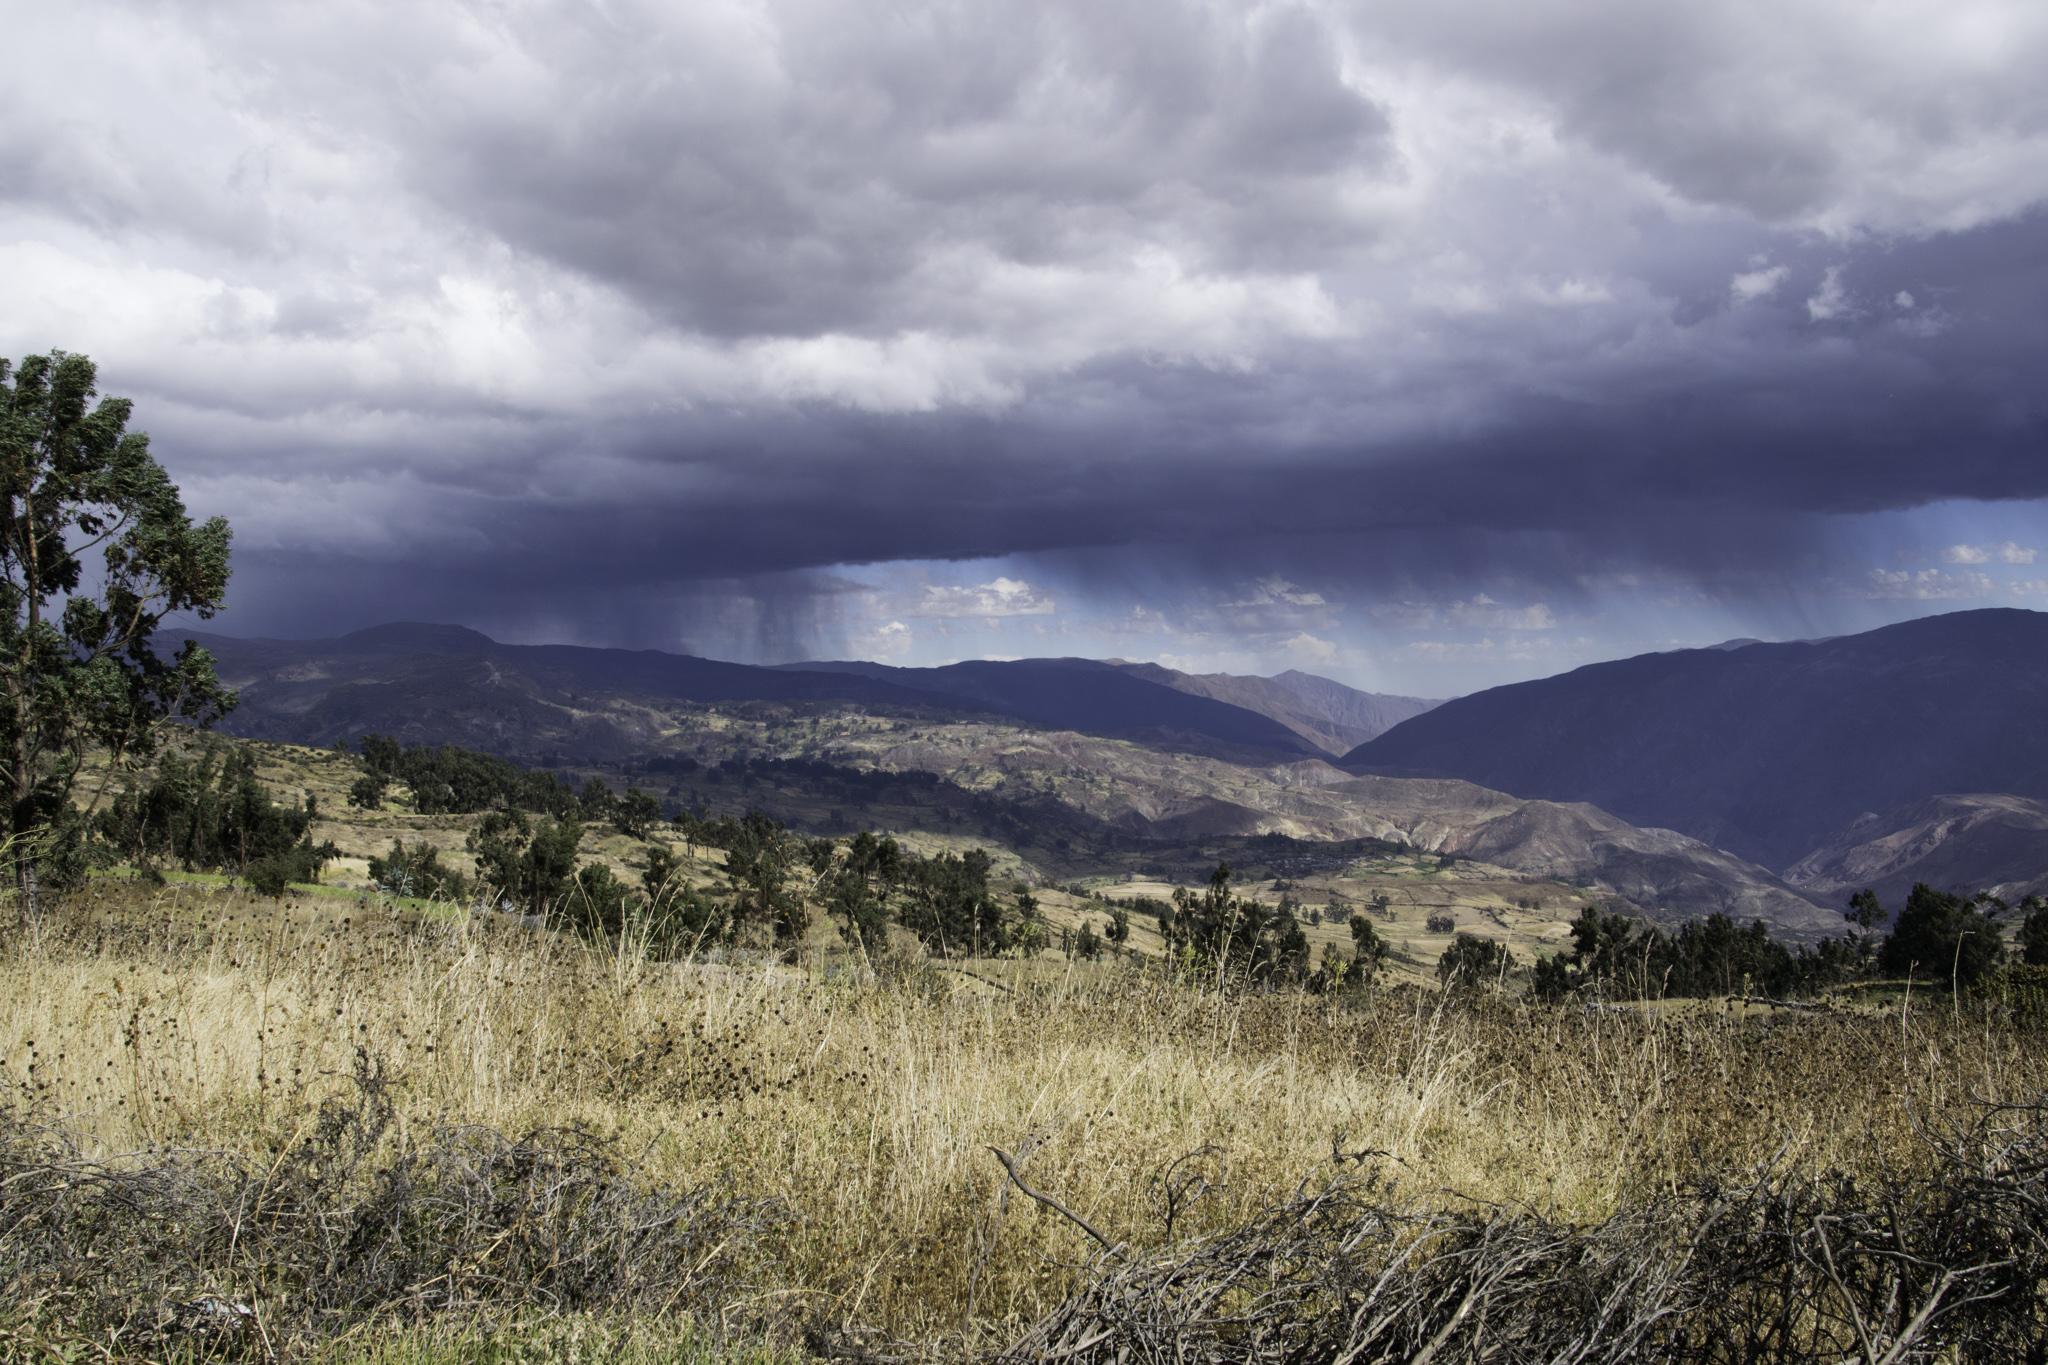 Wetterspektakel - später hat es uns dann auch noch erwischt: Wind, Regen und gar Hagel